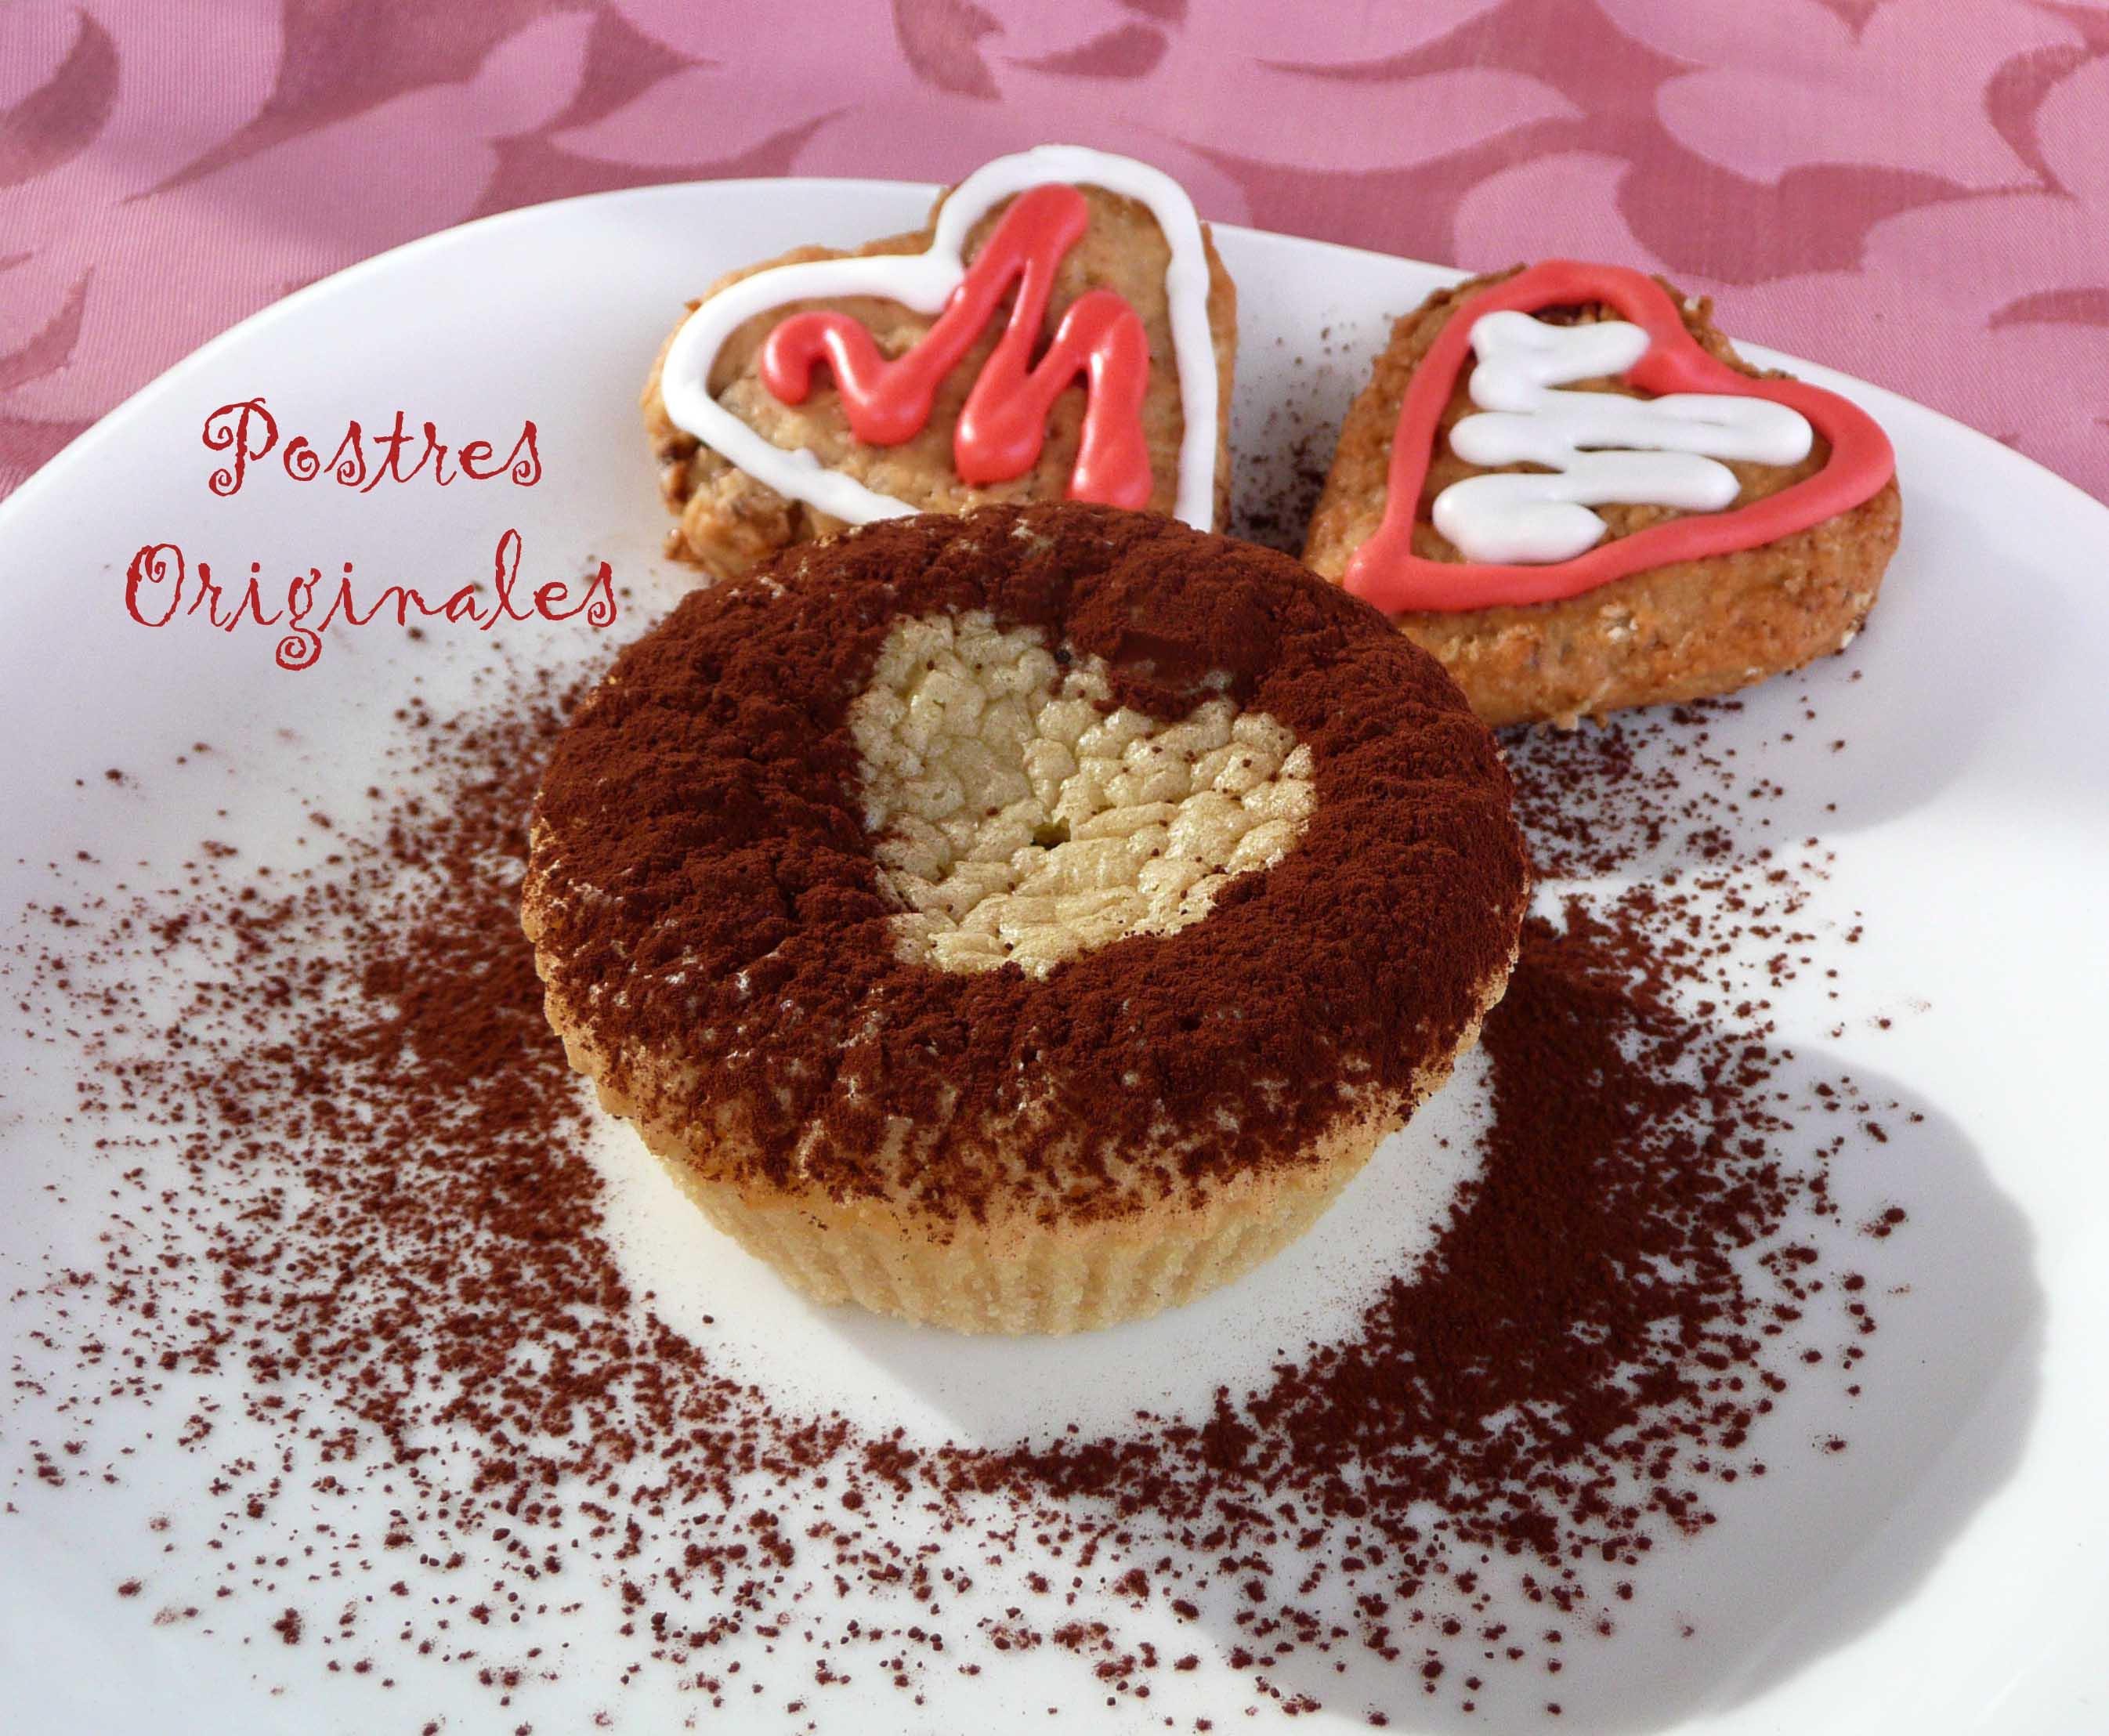 Cupcakes de brownie de chocolate blanco y oreo 9 postres for Postres sencillos y originales